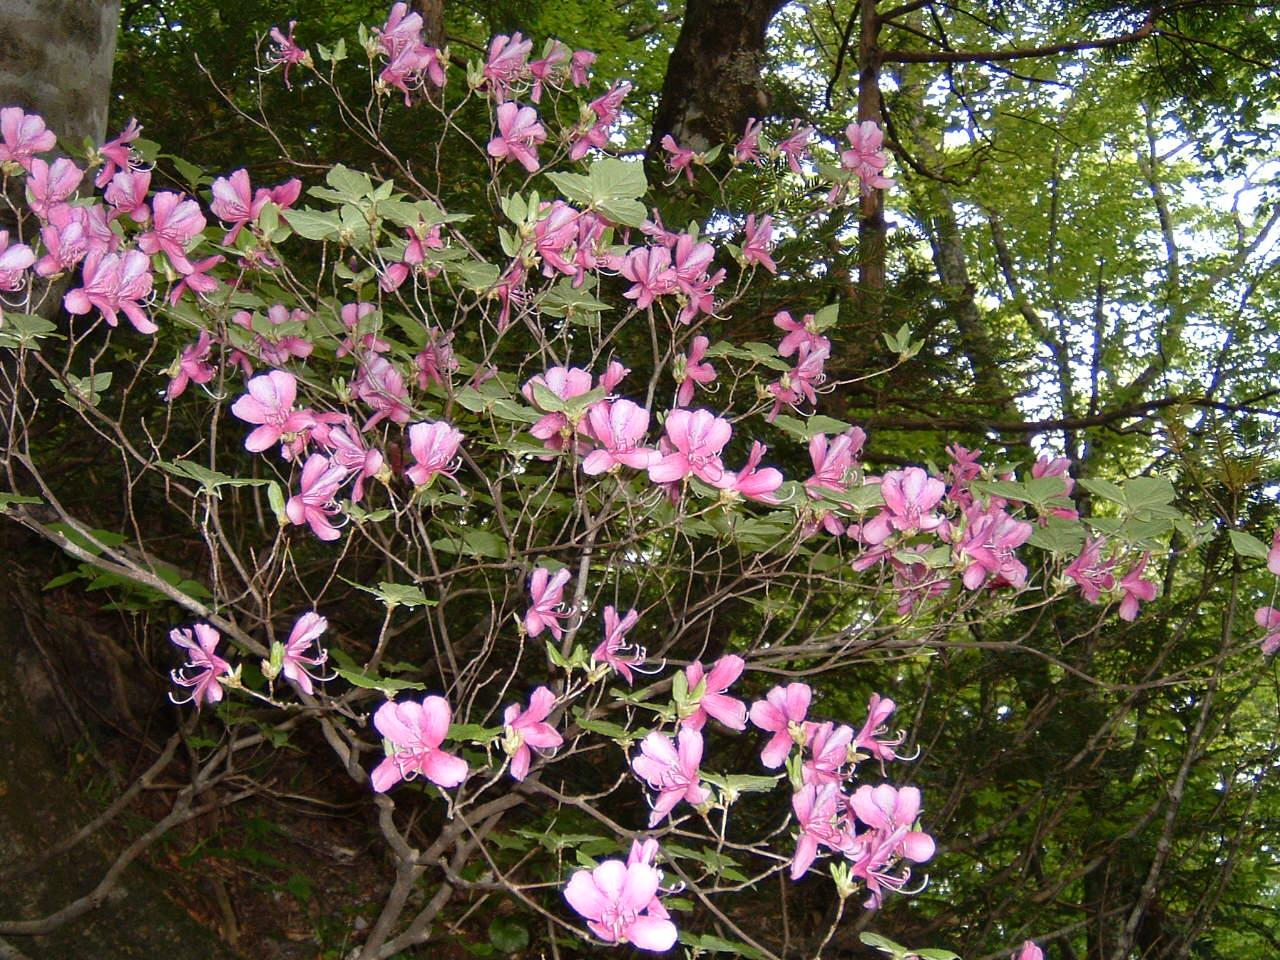 鳥取県大山寺周辺の植物   by (岡田)_c0239329_145556.jpg